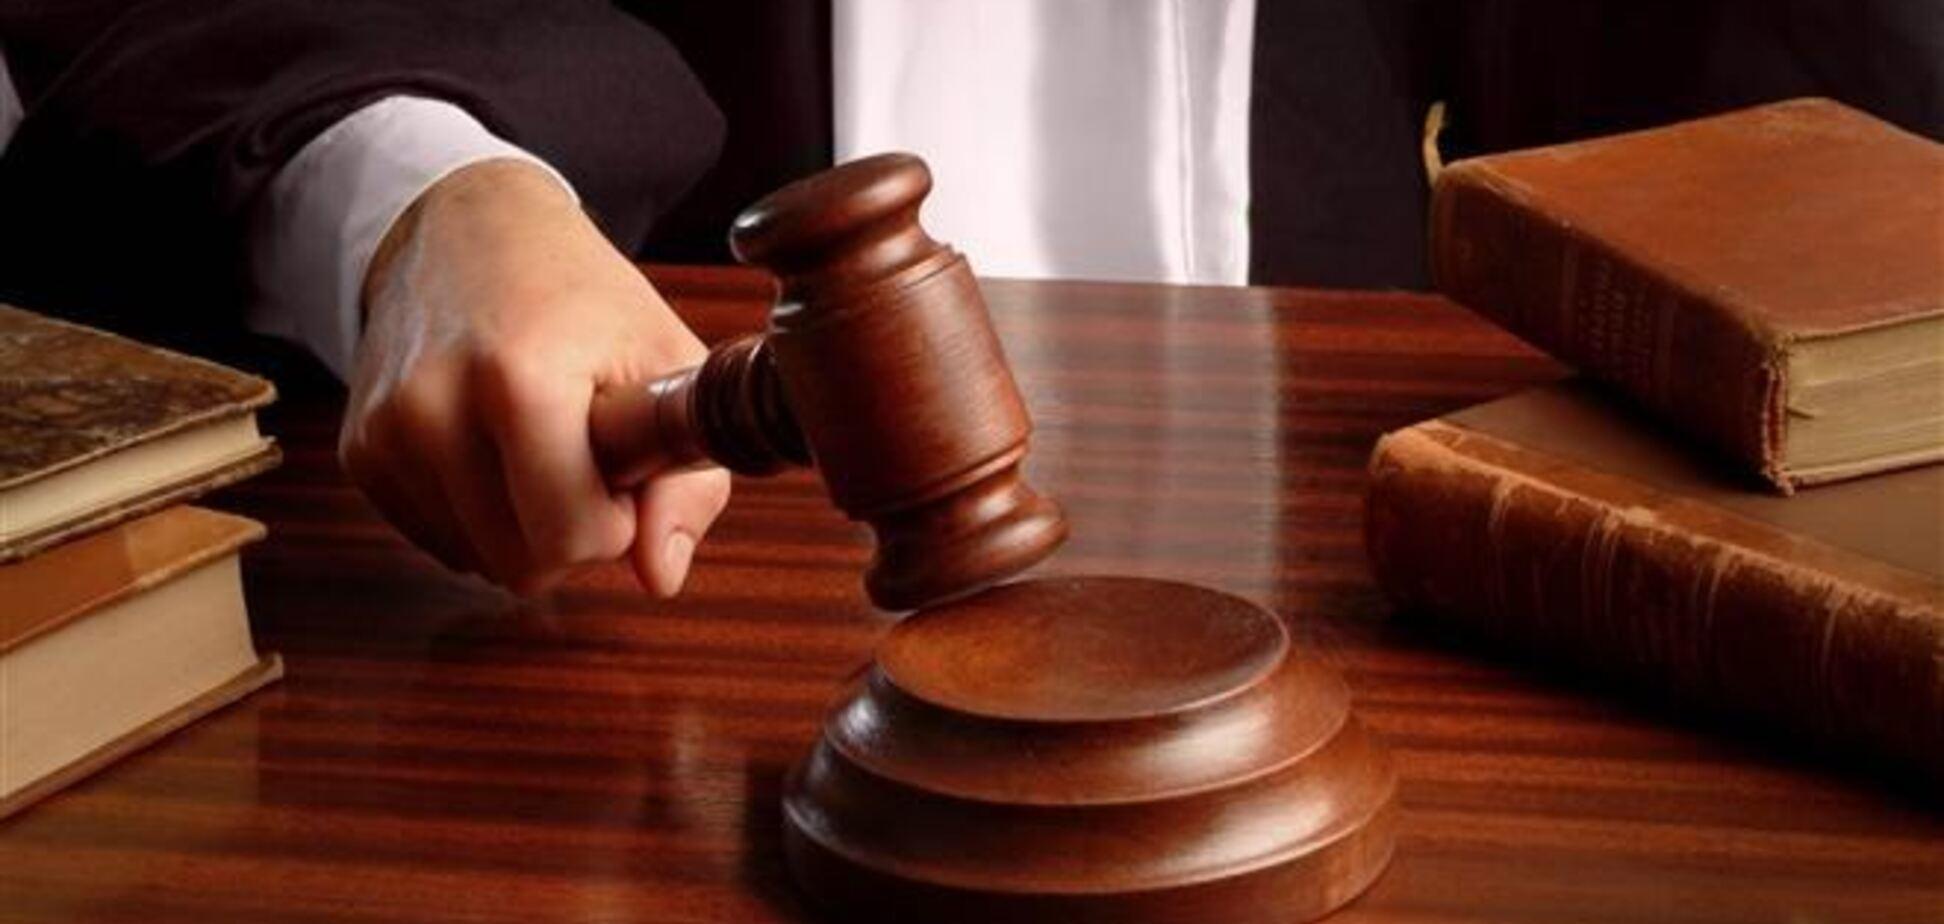 На Луганщине виновник гибели 3 человек в ДТП получил 9 лет